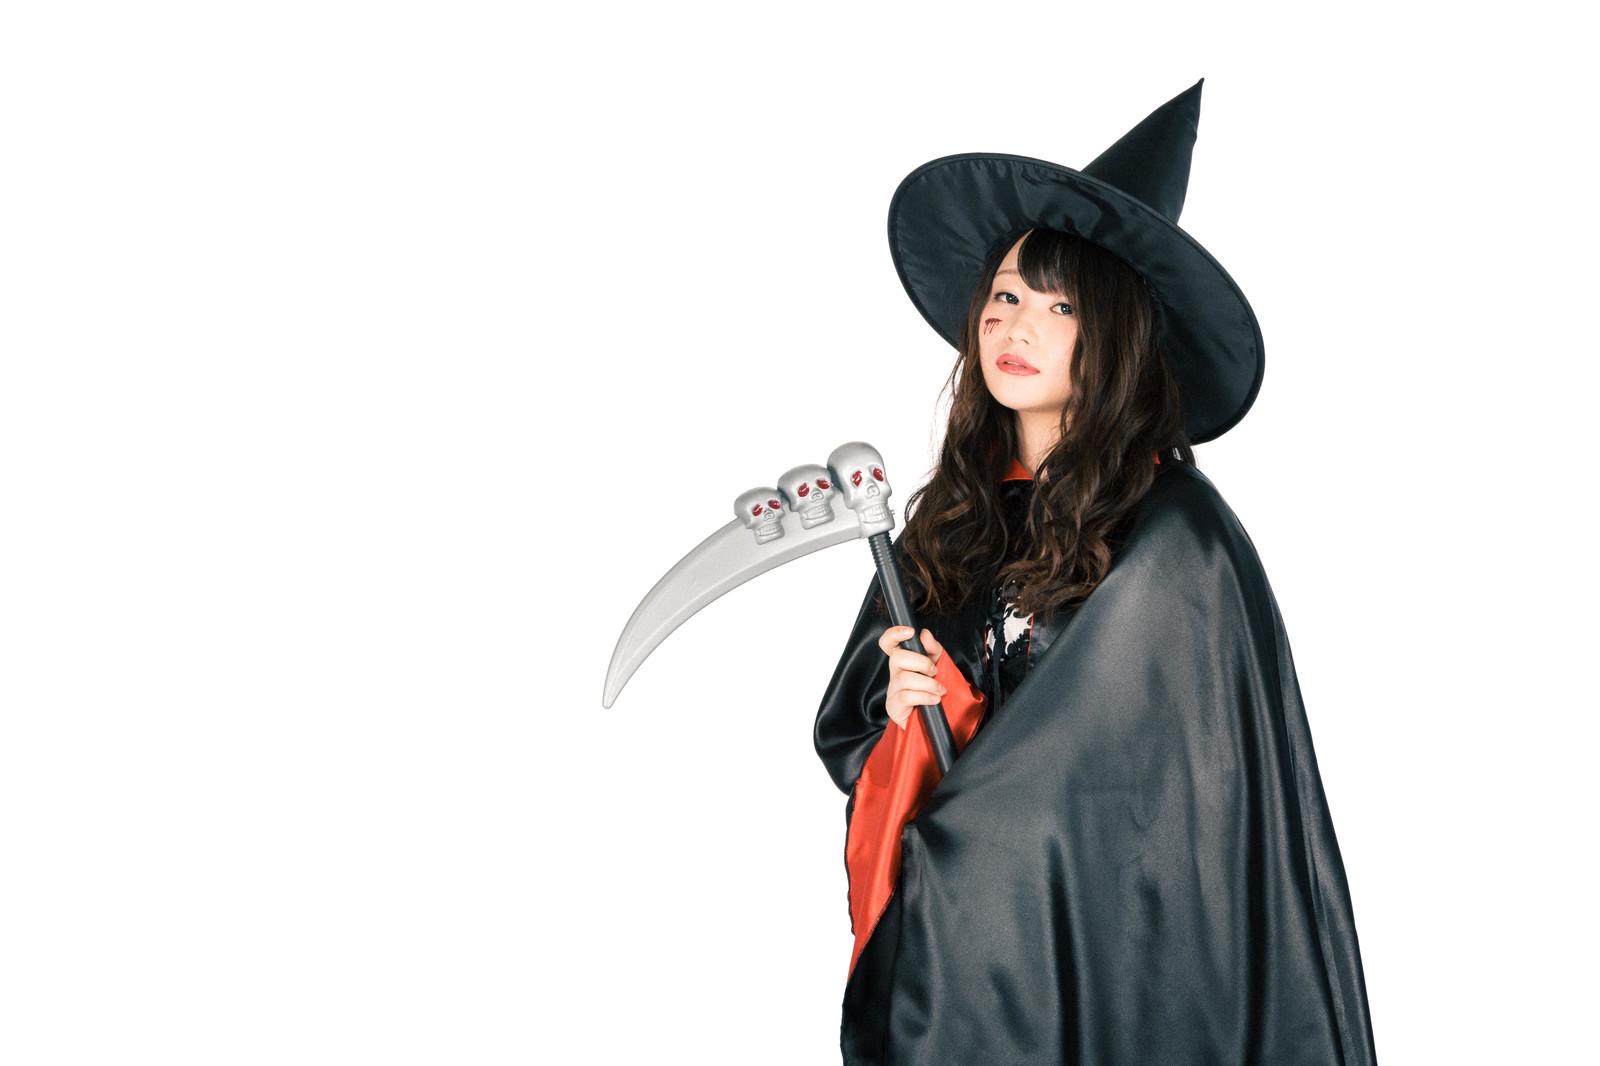 ハロウィンで魔女に仮装した女性